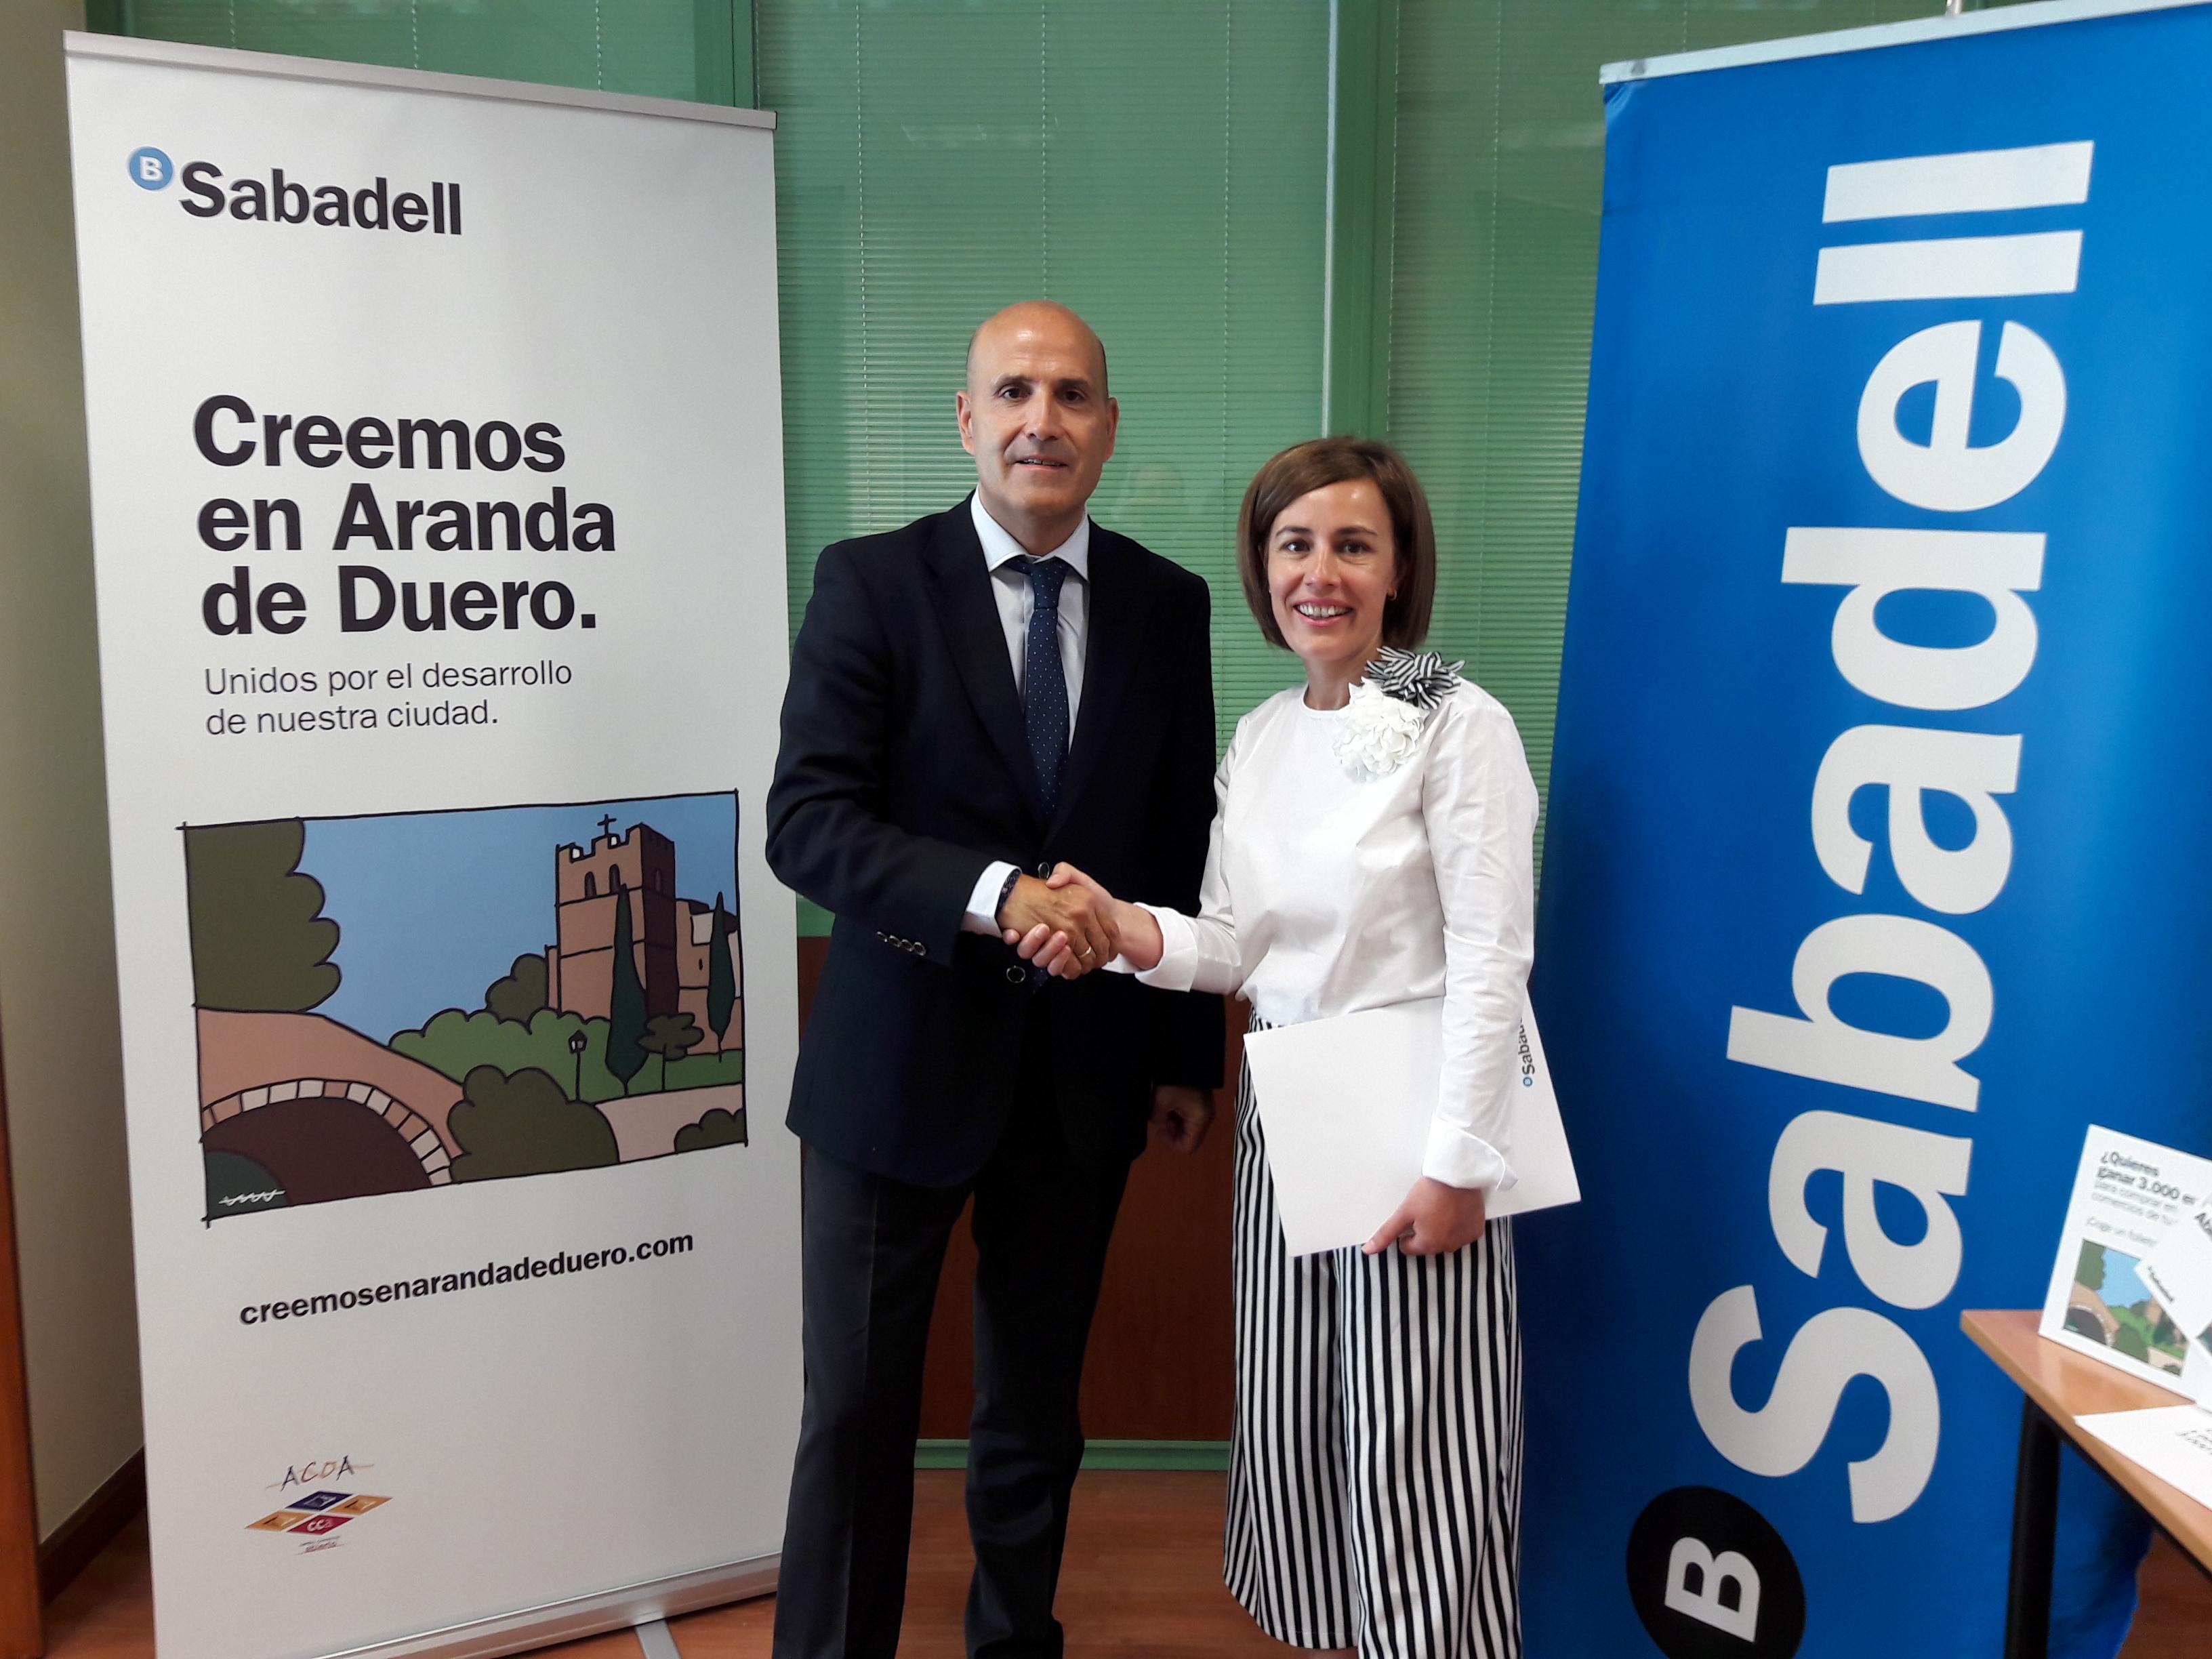 Convenio ACOA y Banco Sabadell